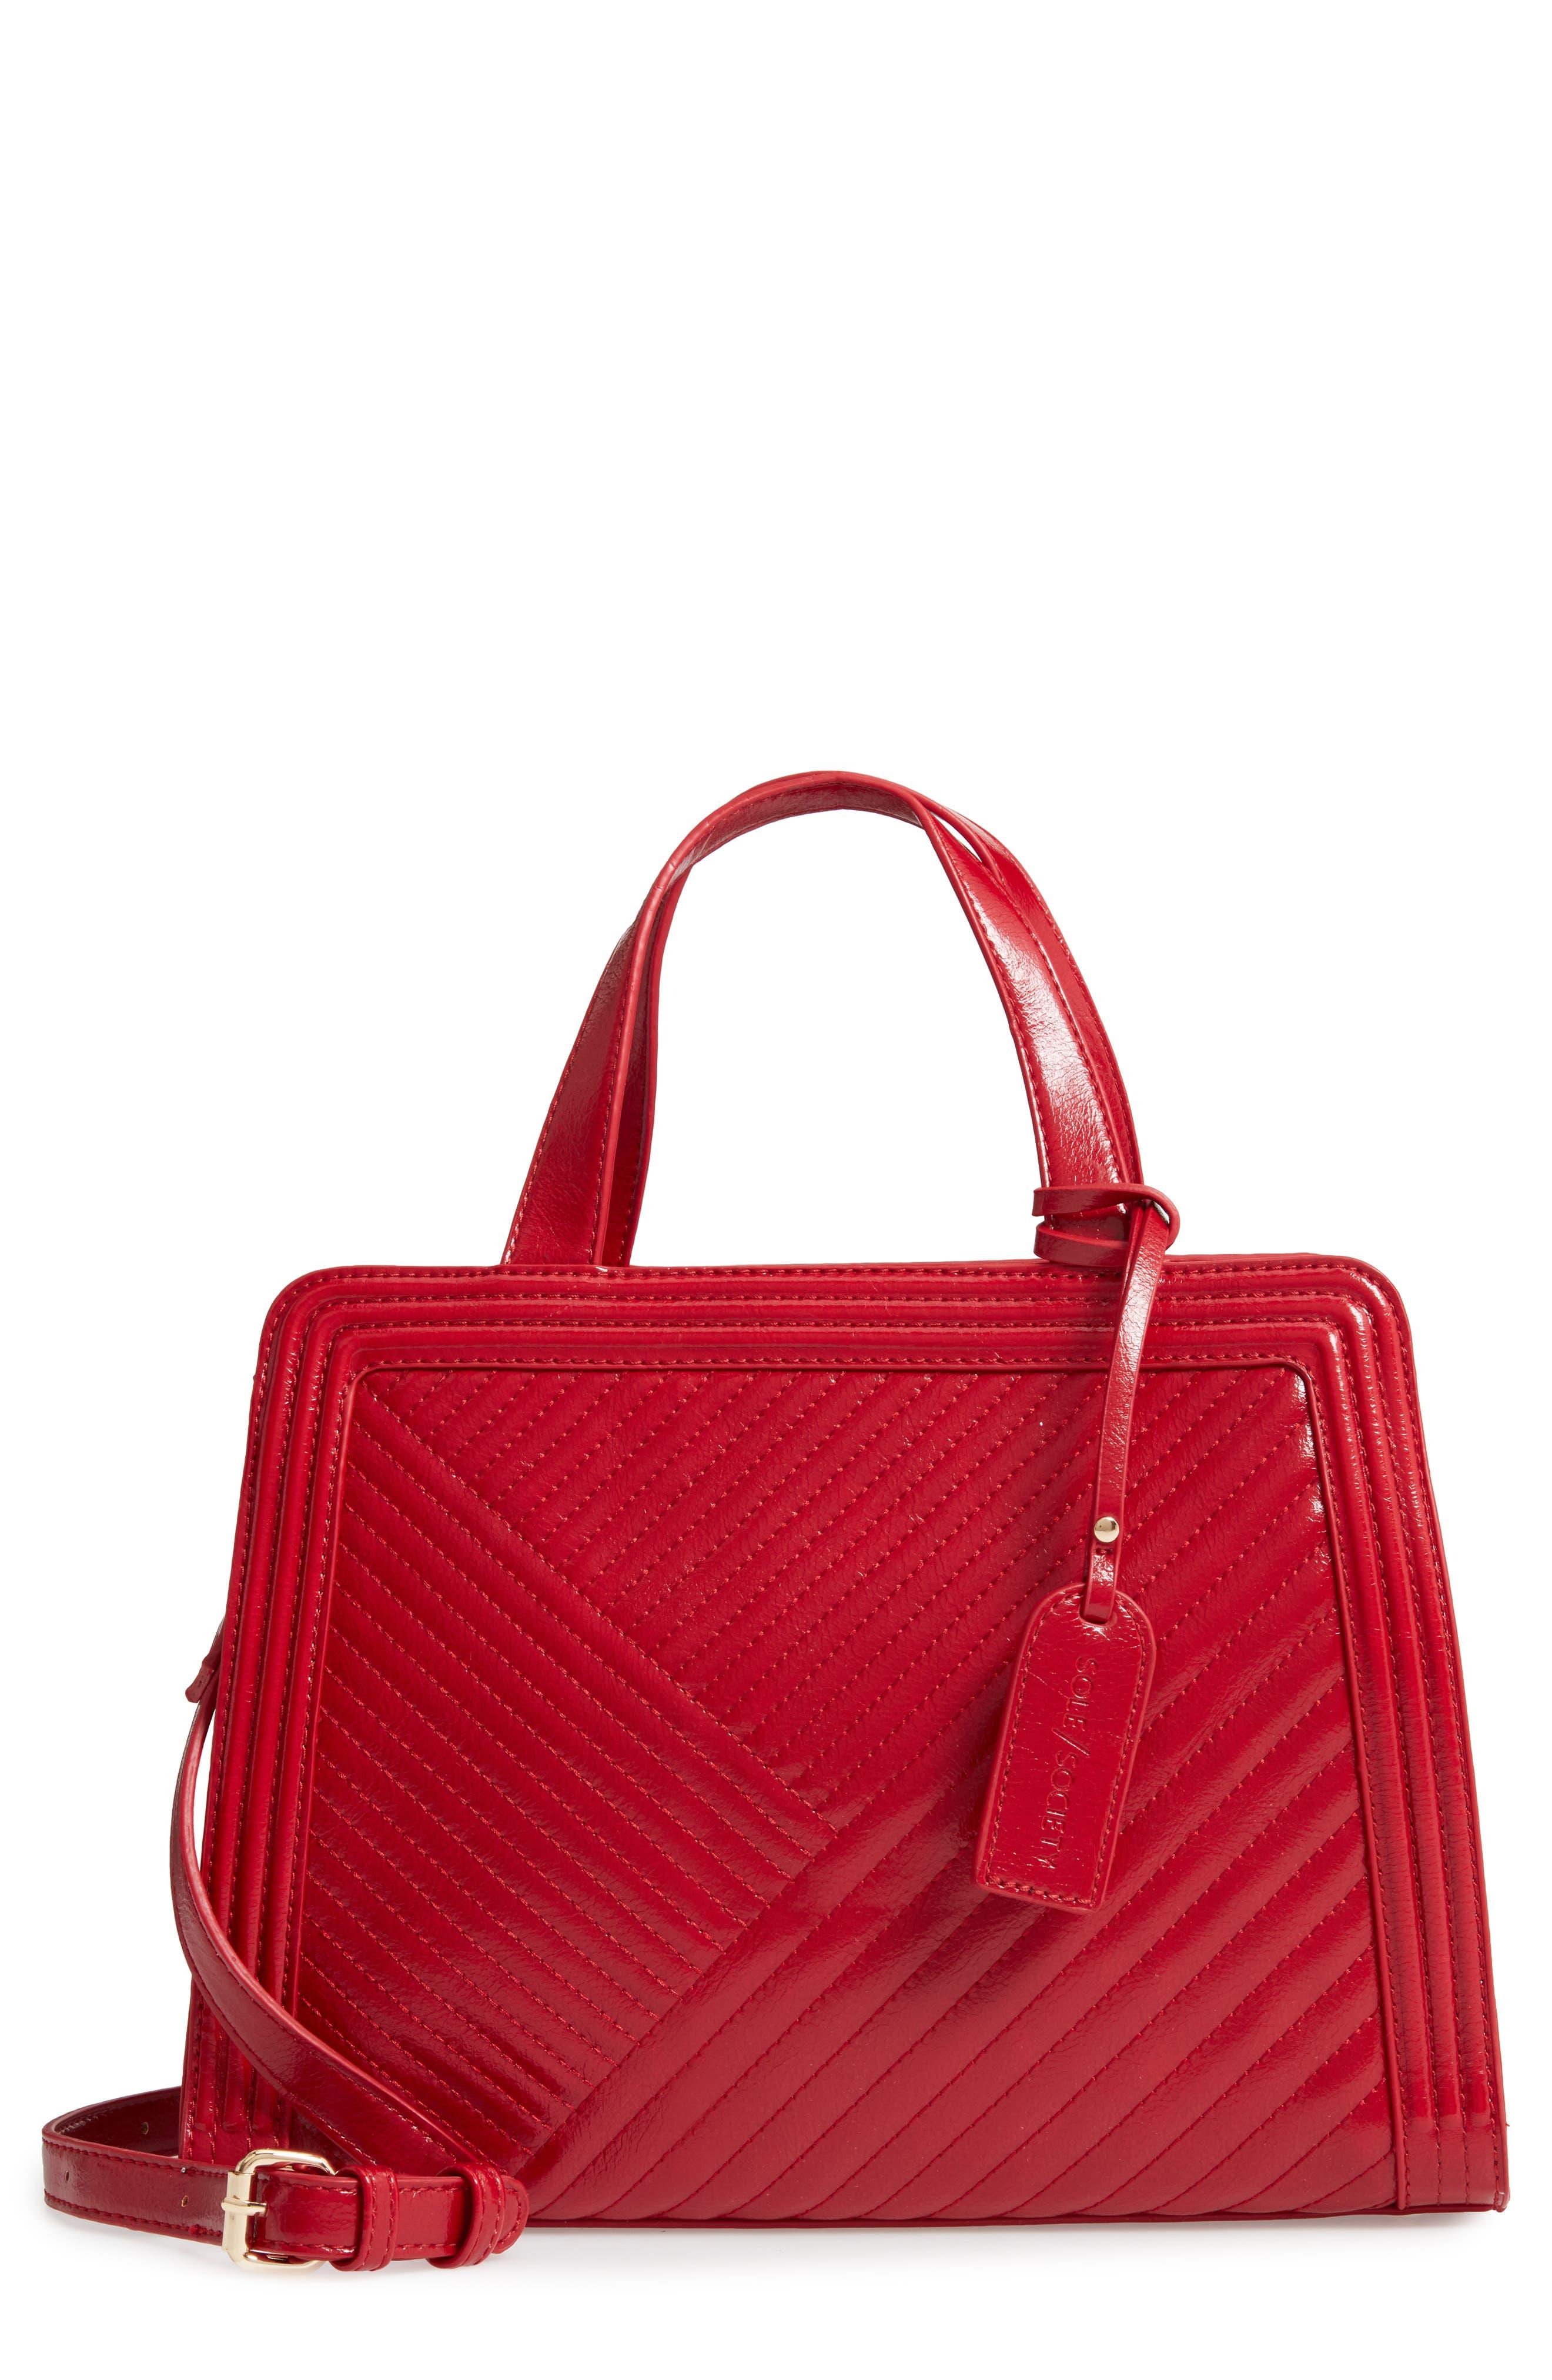 Aisln Faux Leather Satchel,                         Main,                         color, RED